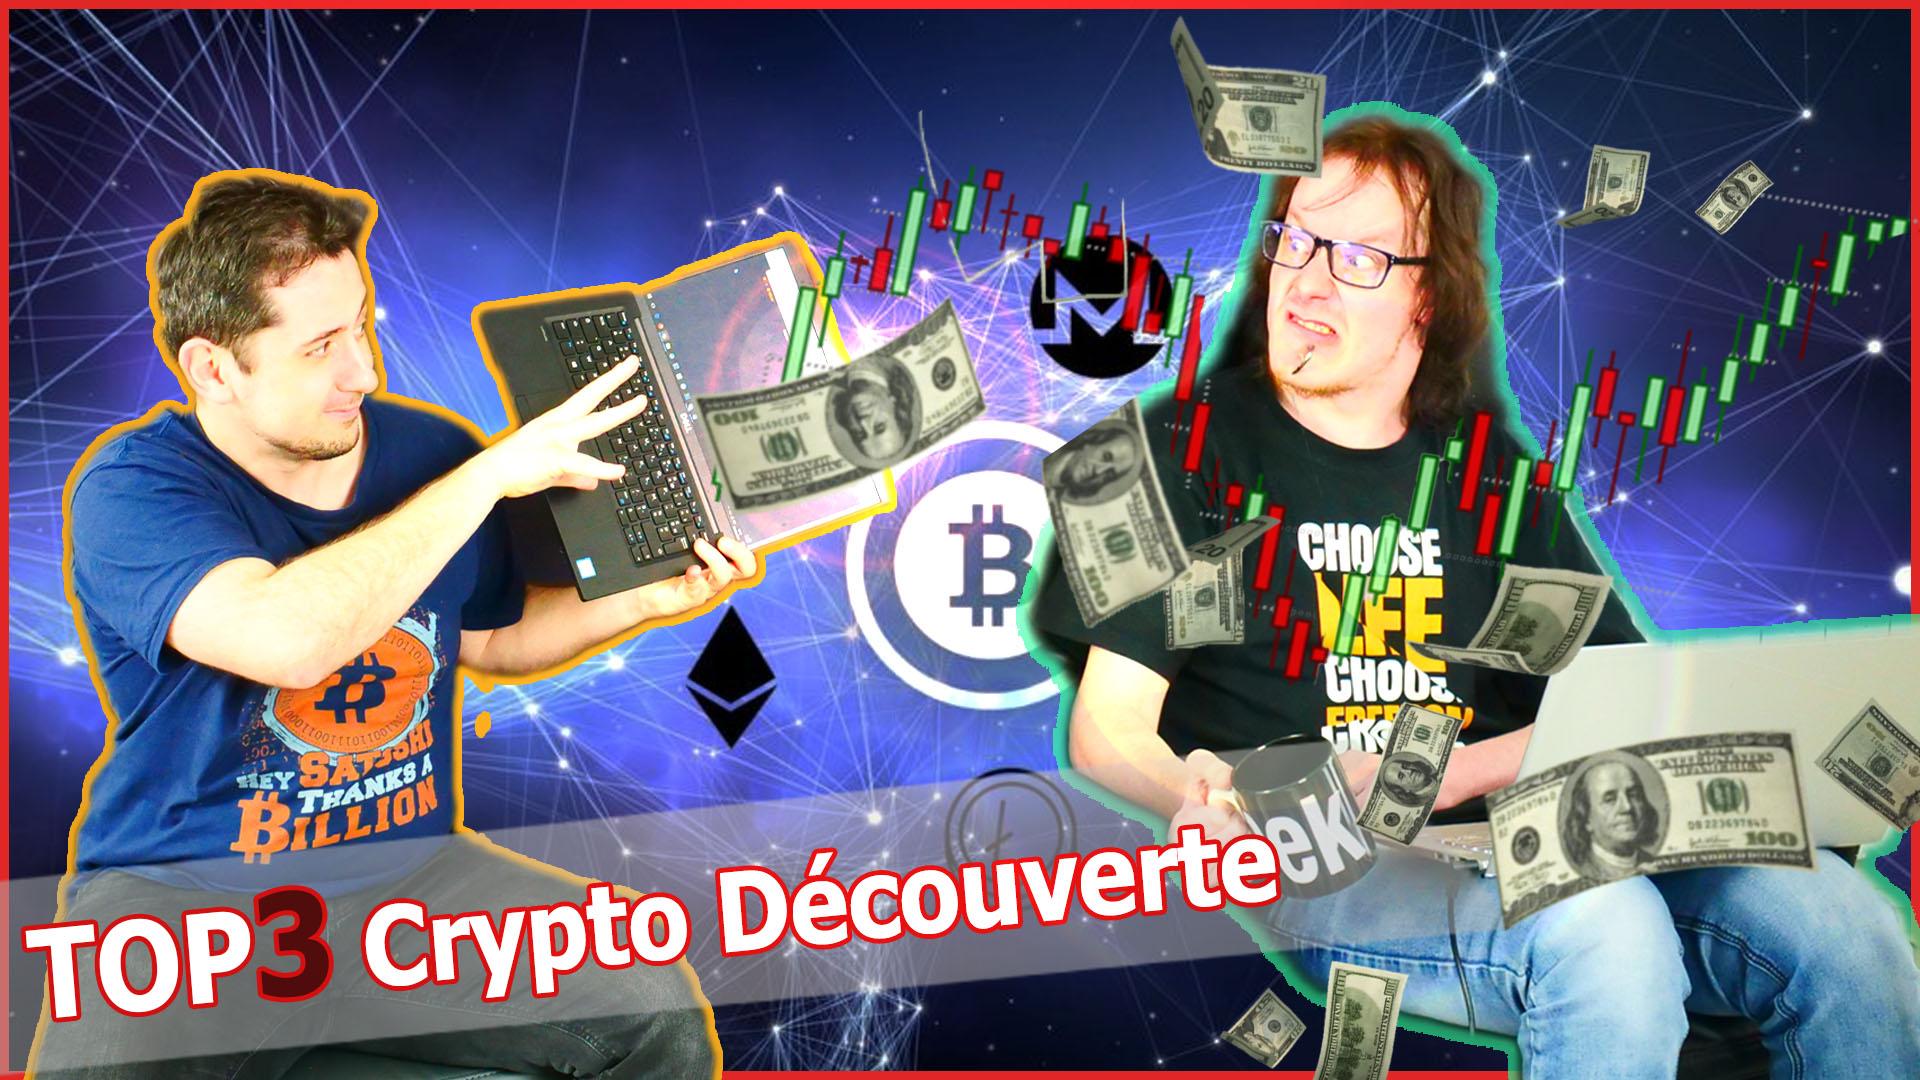 Top 3 Crypto 2018 découverte forum Bitcointalk : Il n'y a pas que le Bitcoin !